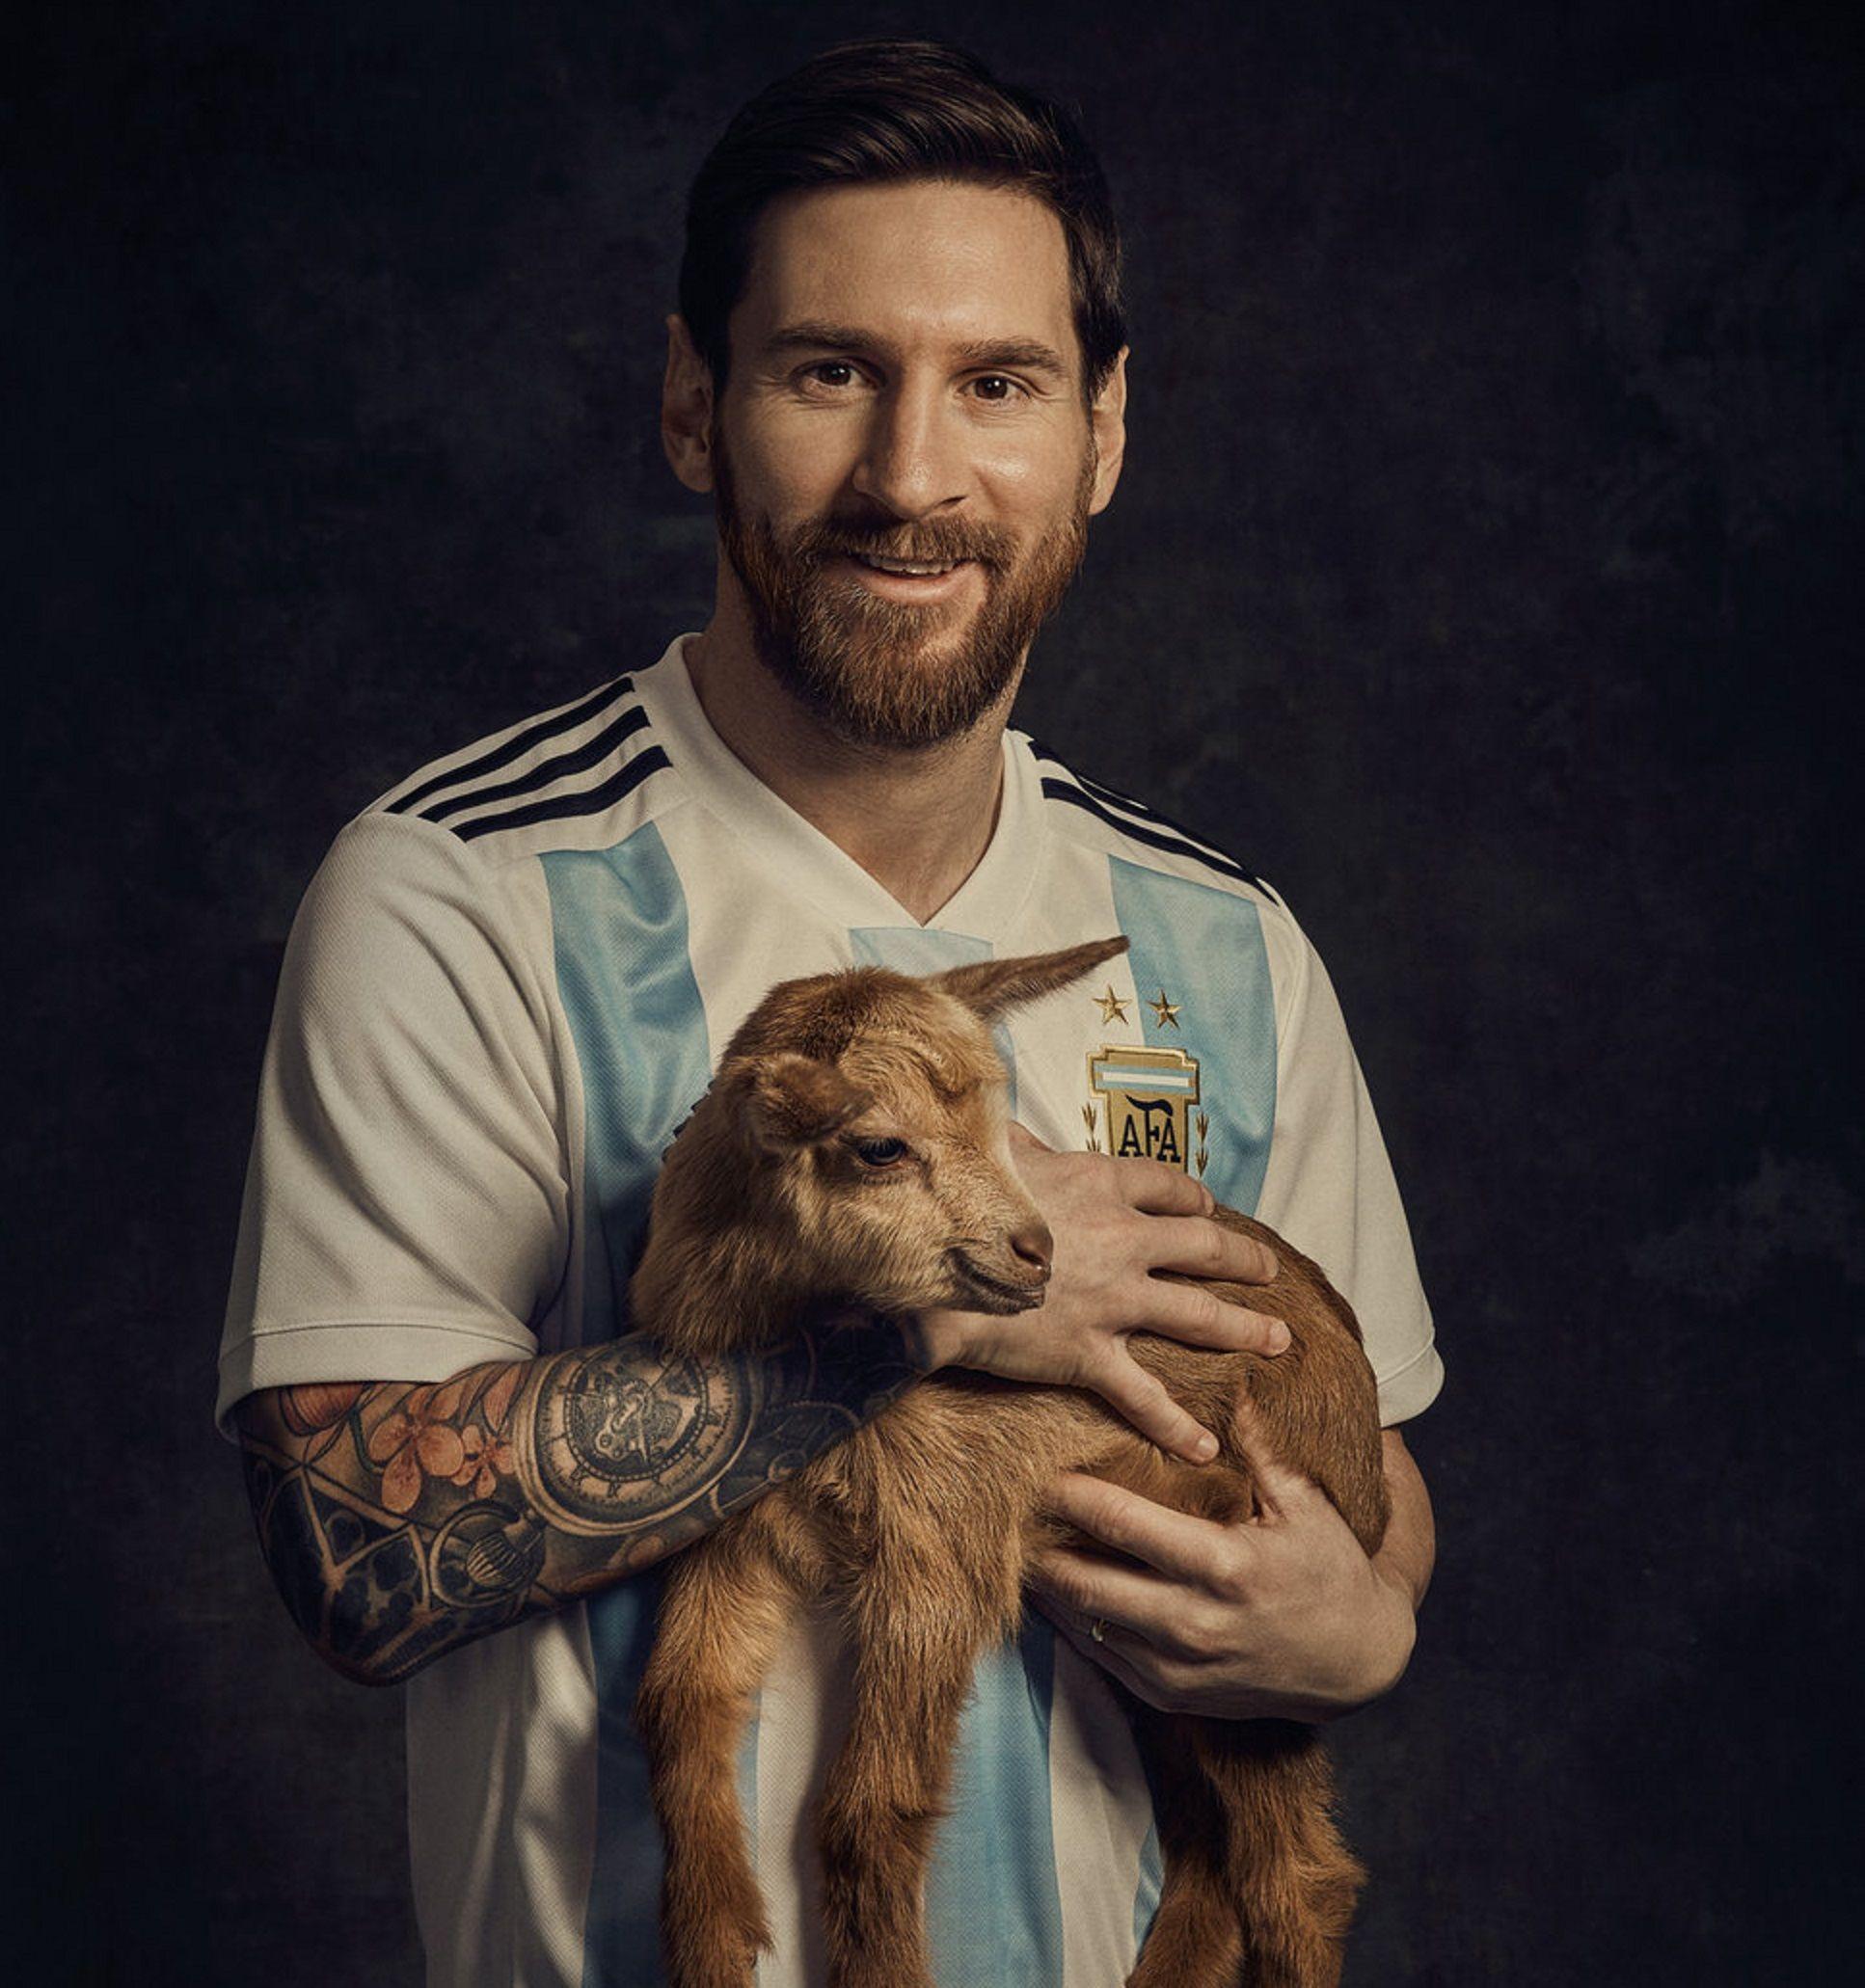 Distinto en todo: mirá la actitud de Messi con sus fanáticos y la de sus compañeros de equipo